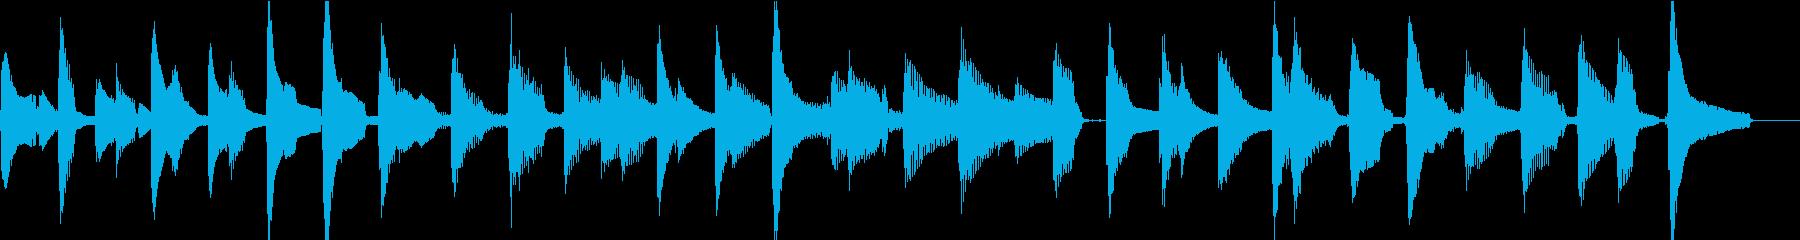 ウクレレ1本のみ(ストローク+メロディ)の再生済みの波形